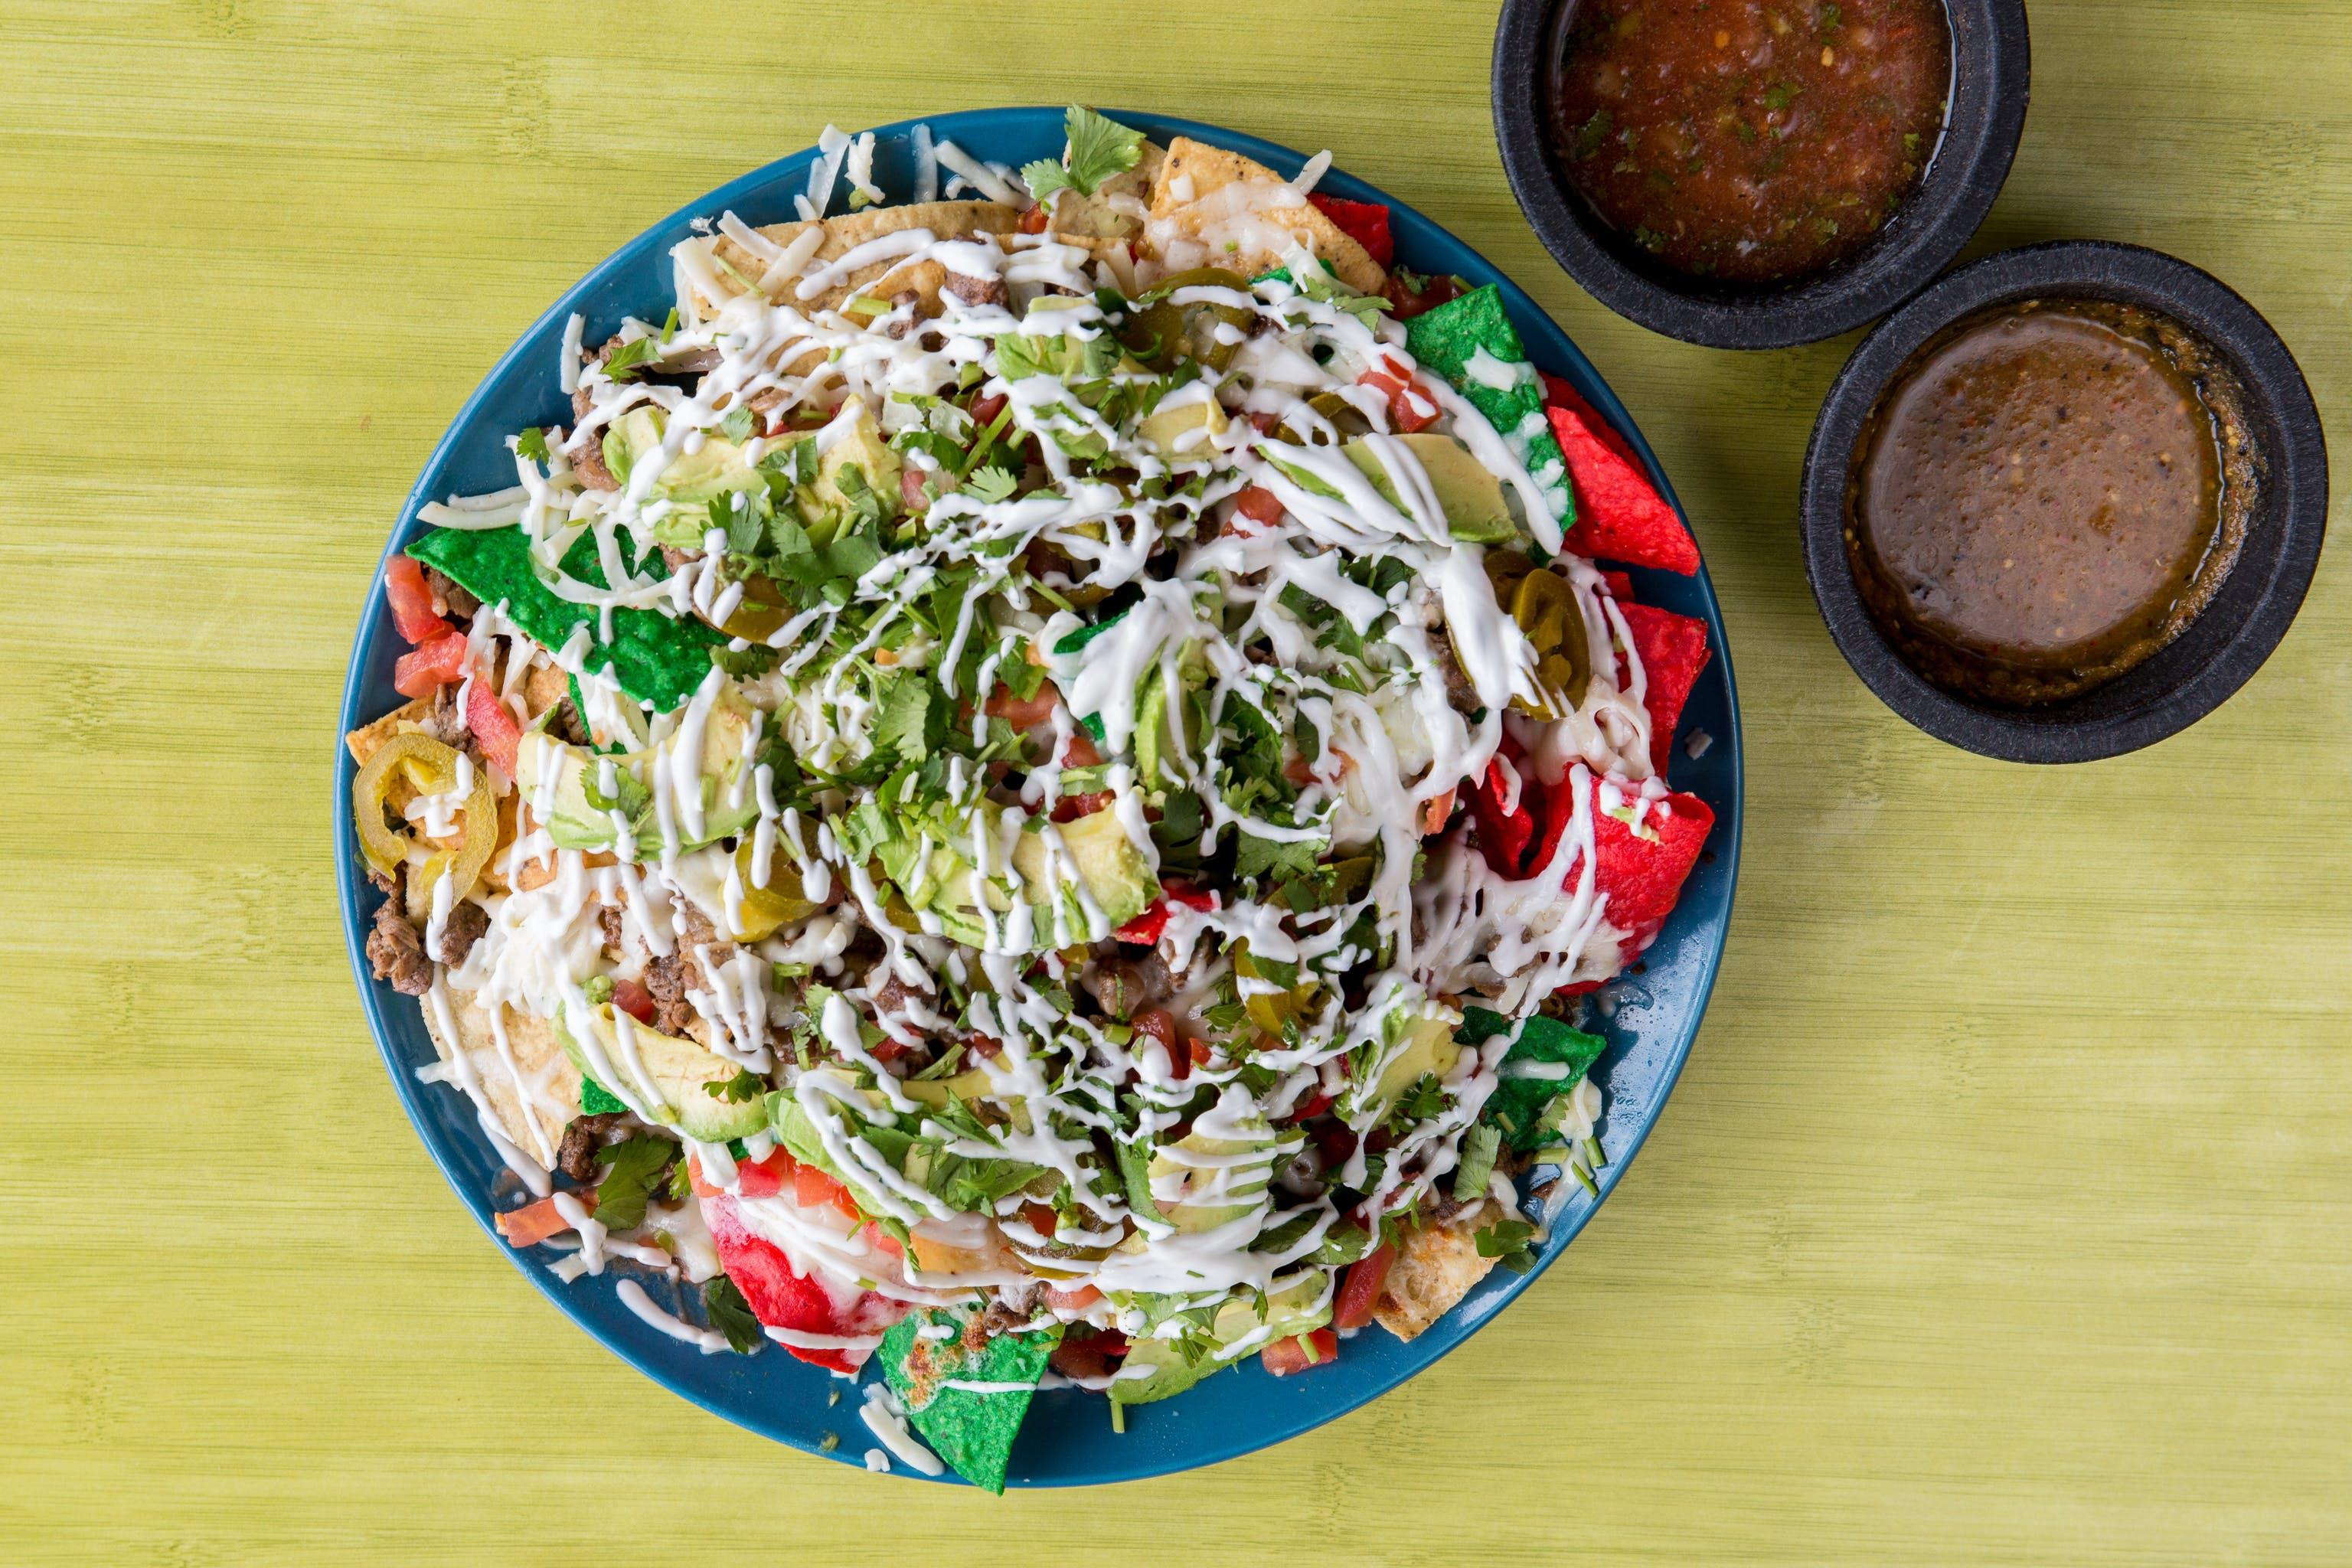 Nachos Mexicanos from Taqueria Guadalajara in Madison, WI